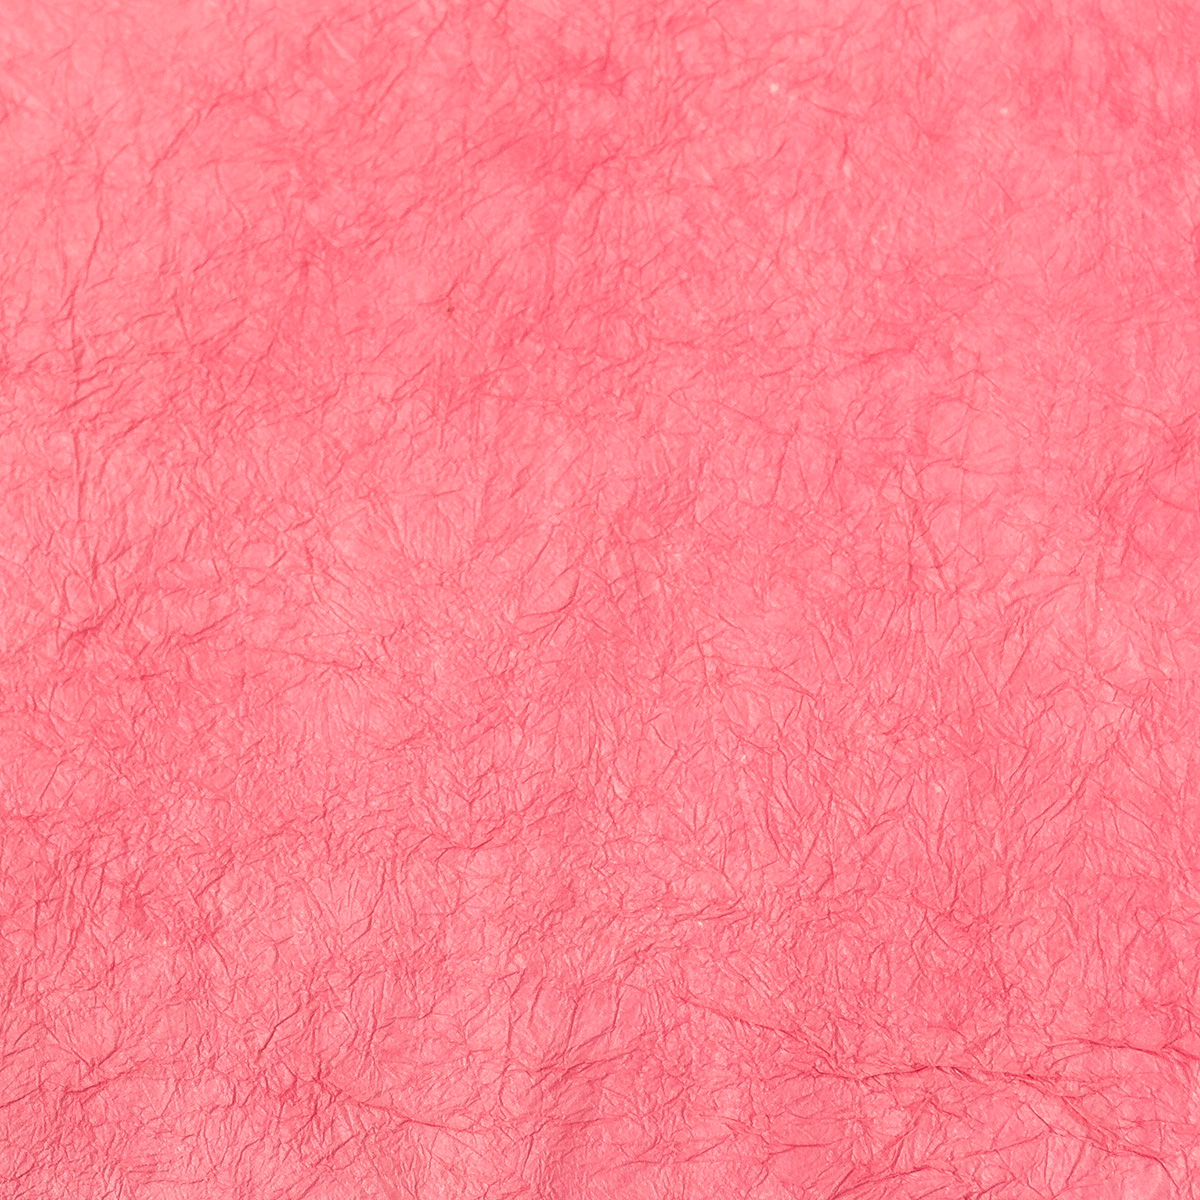 王朝のそめいろ 薄口 18番 中紅花